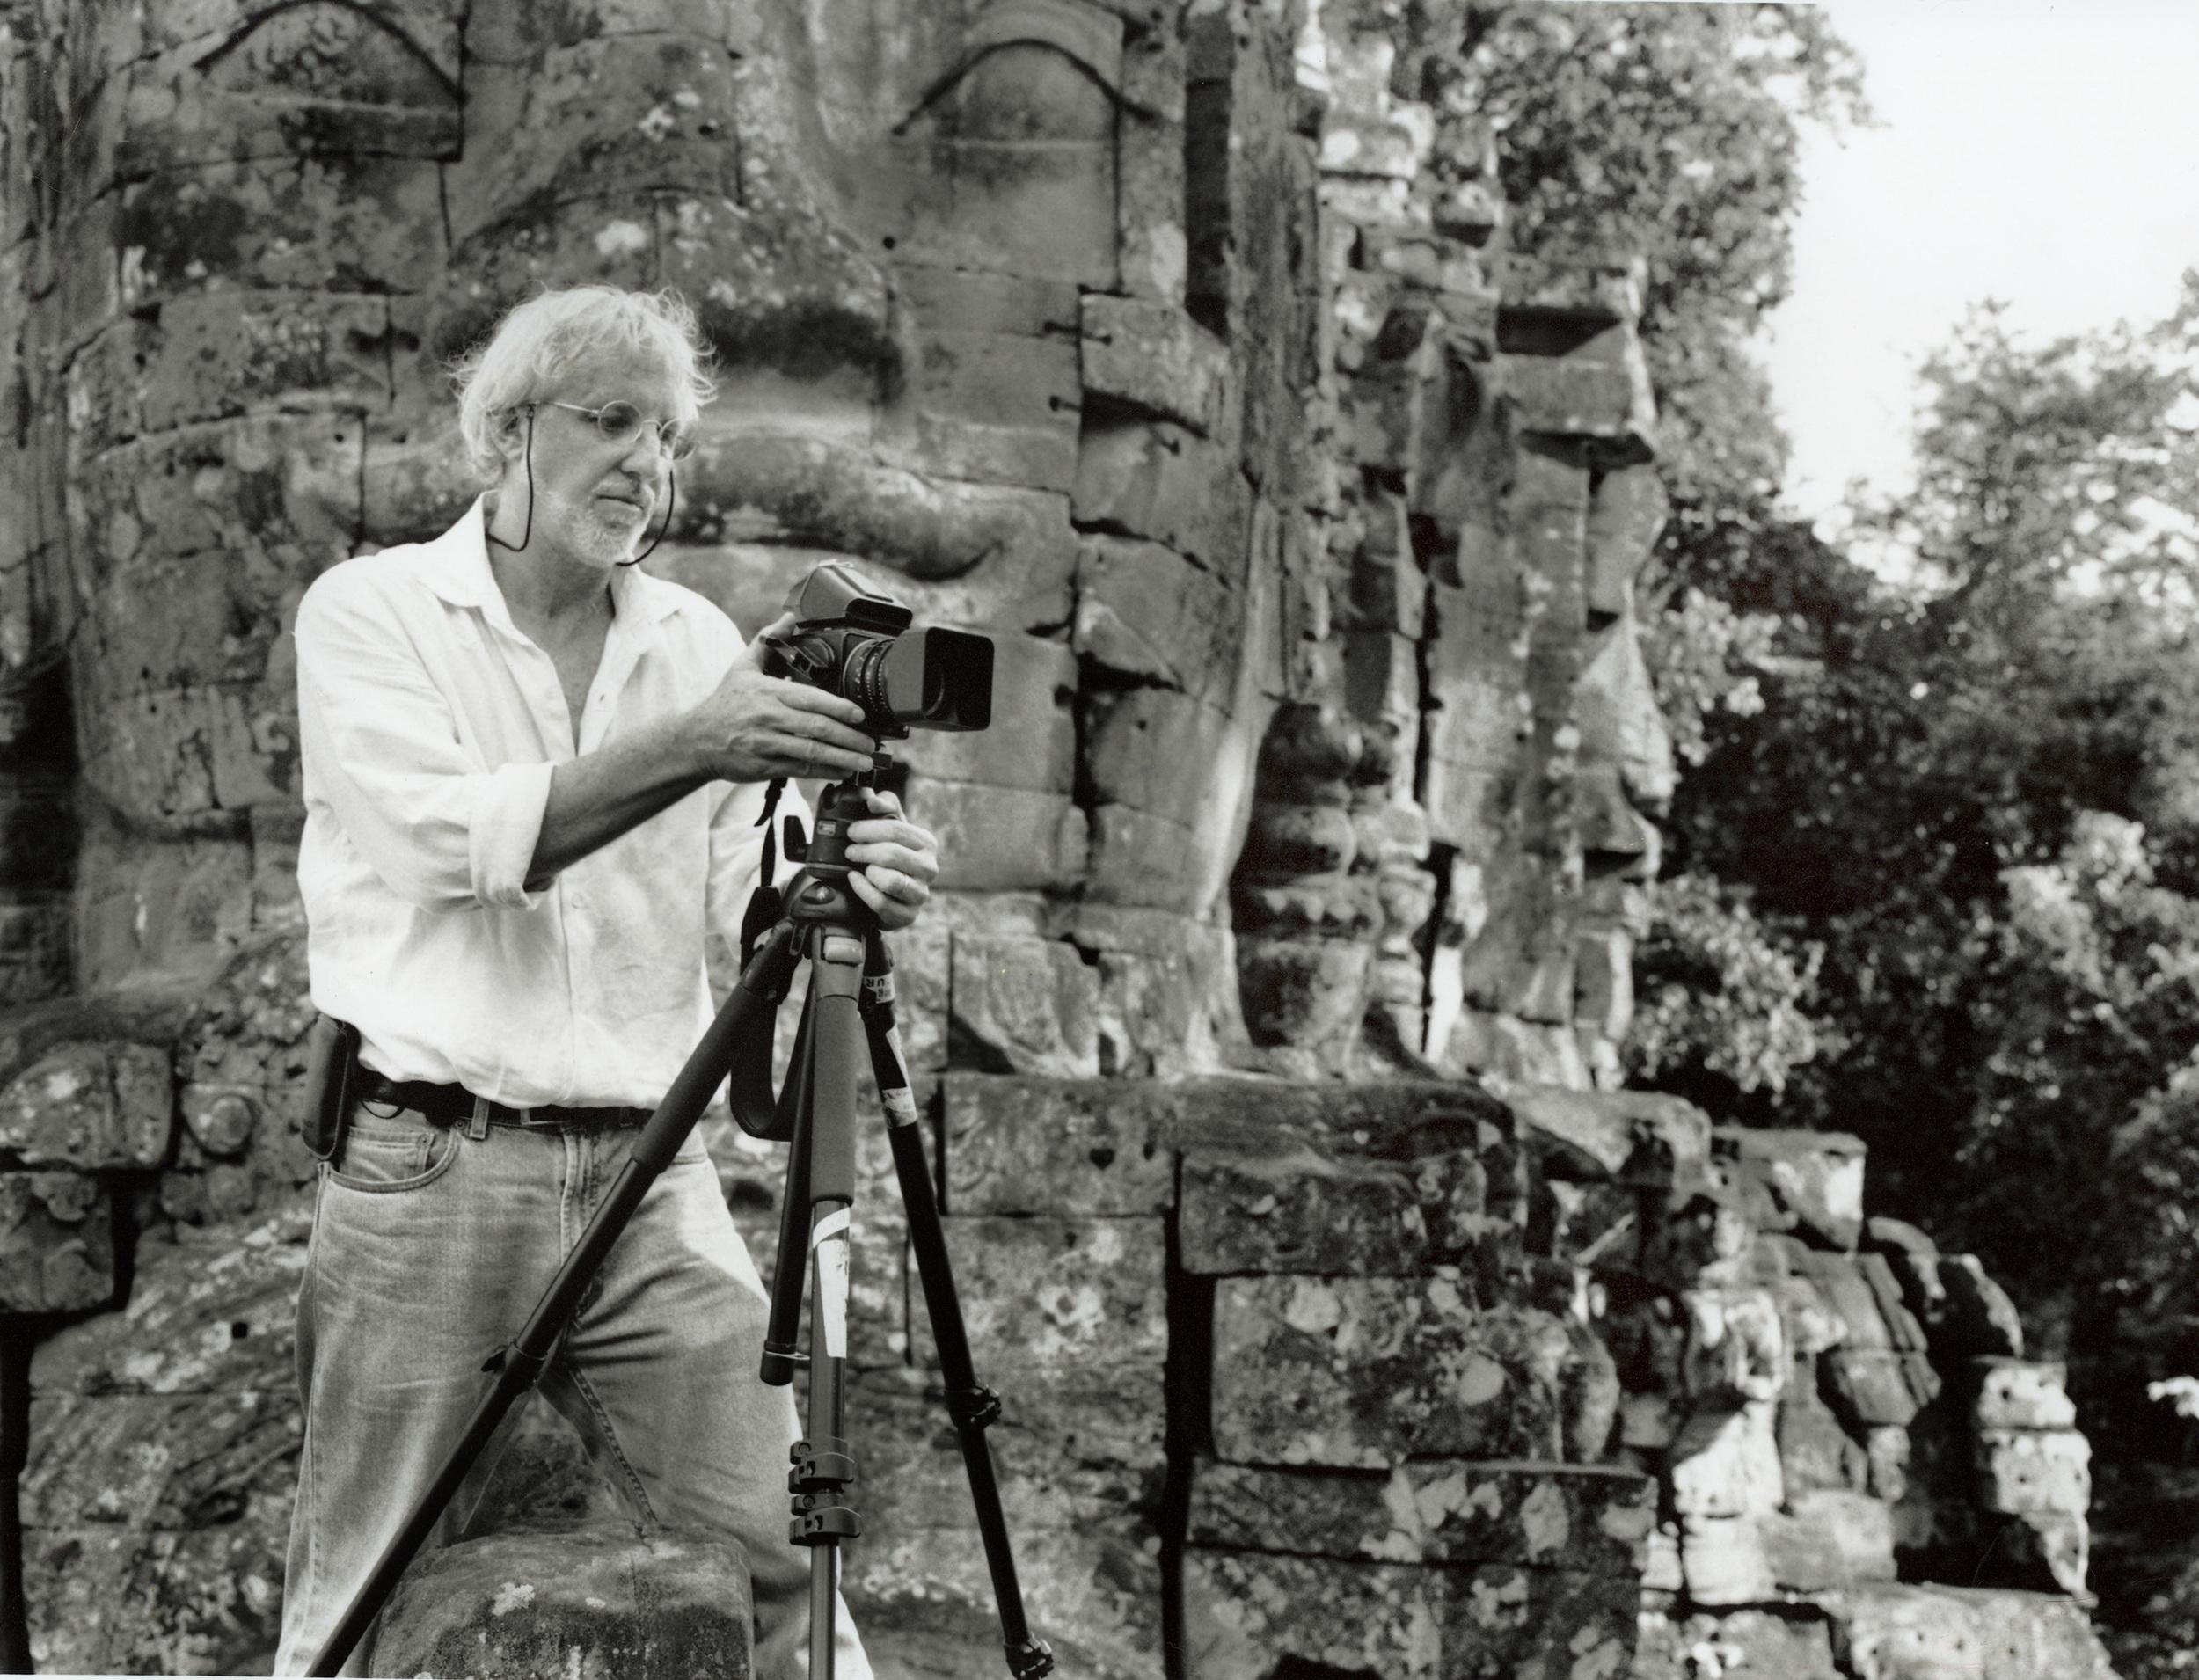 John McDermott at Angkor